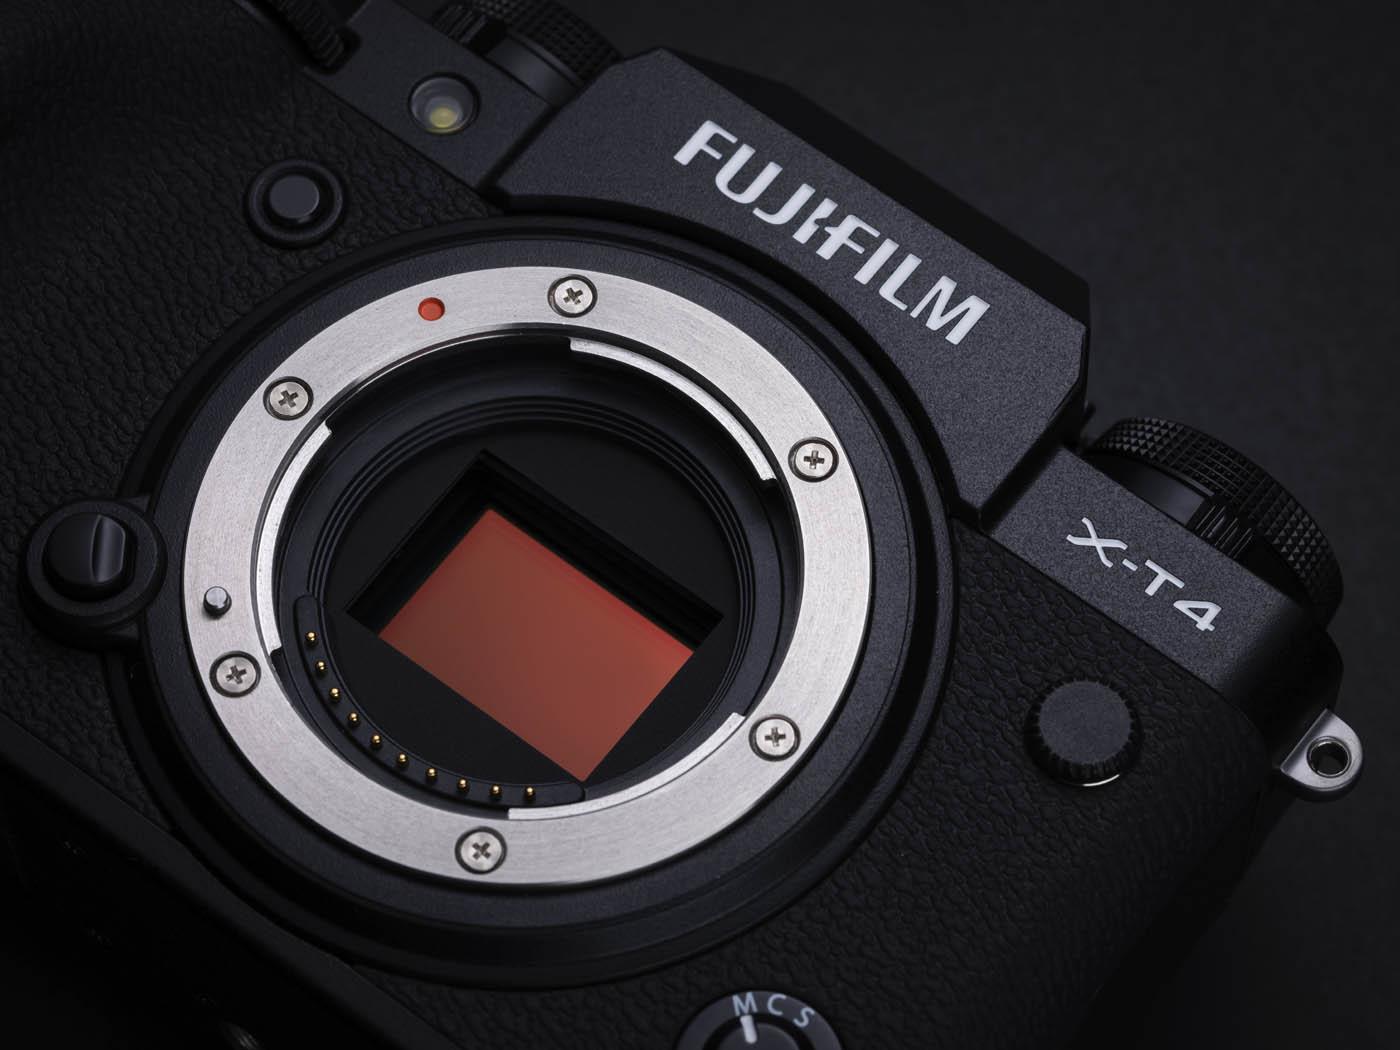 Fujifilm annonce l'ouverture de la monture X aux constructeurs tiers